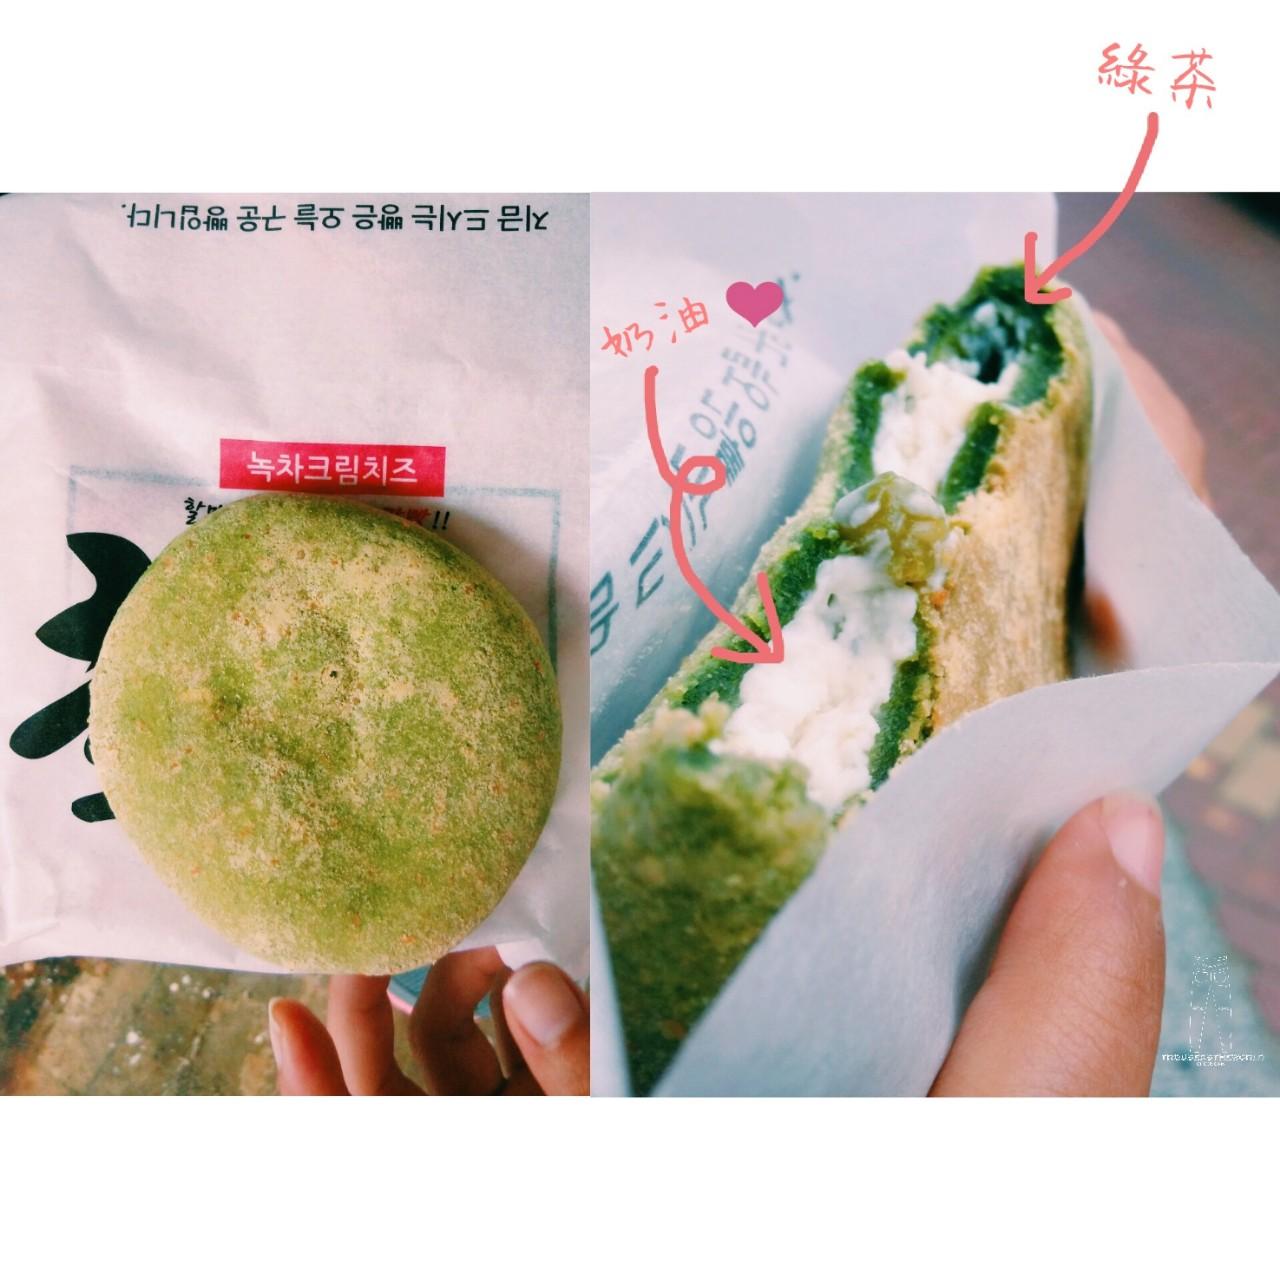 大邱 起 綠茶爆漿奶油麵包 대구 녹차생크림빵 Daegu Green Tea with Bursting Fresh Cream Bun